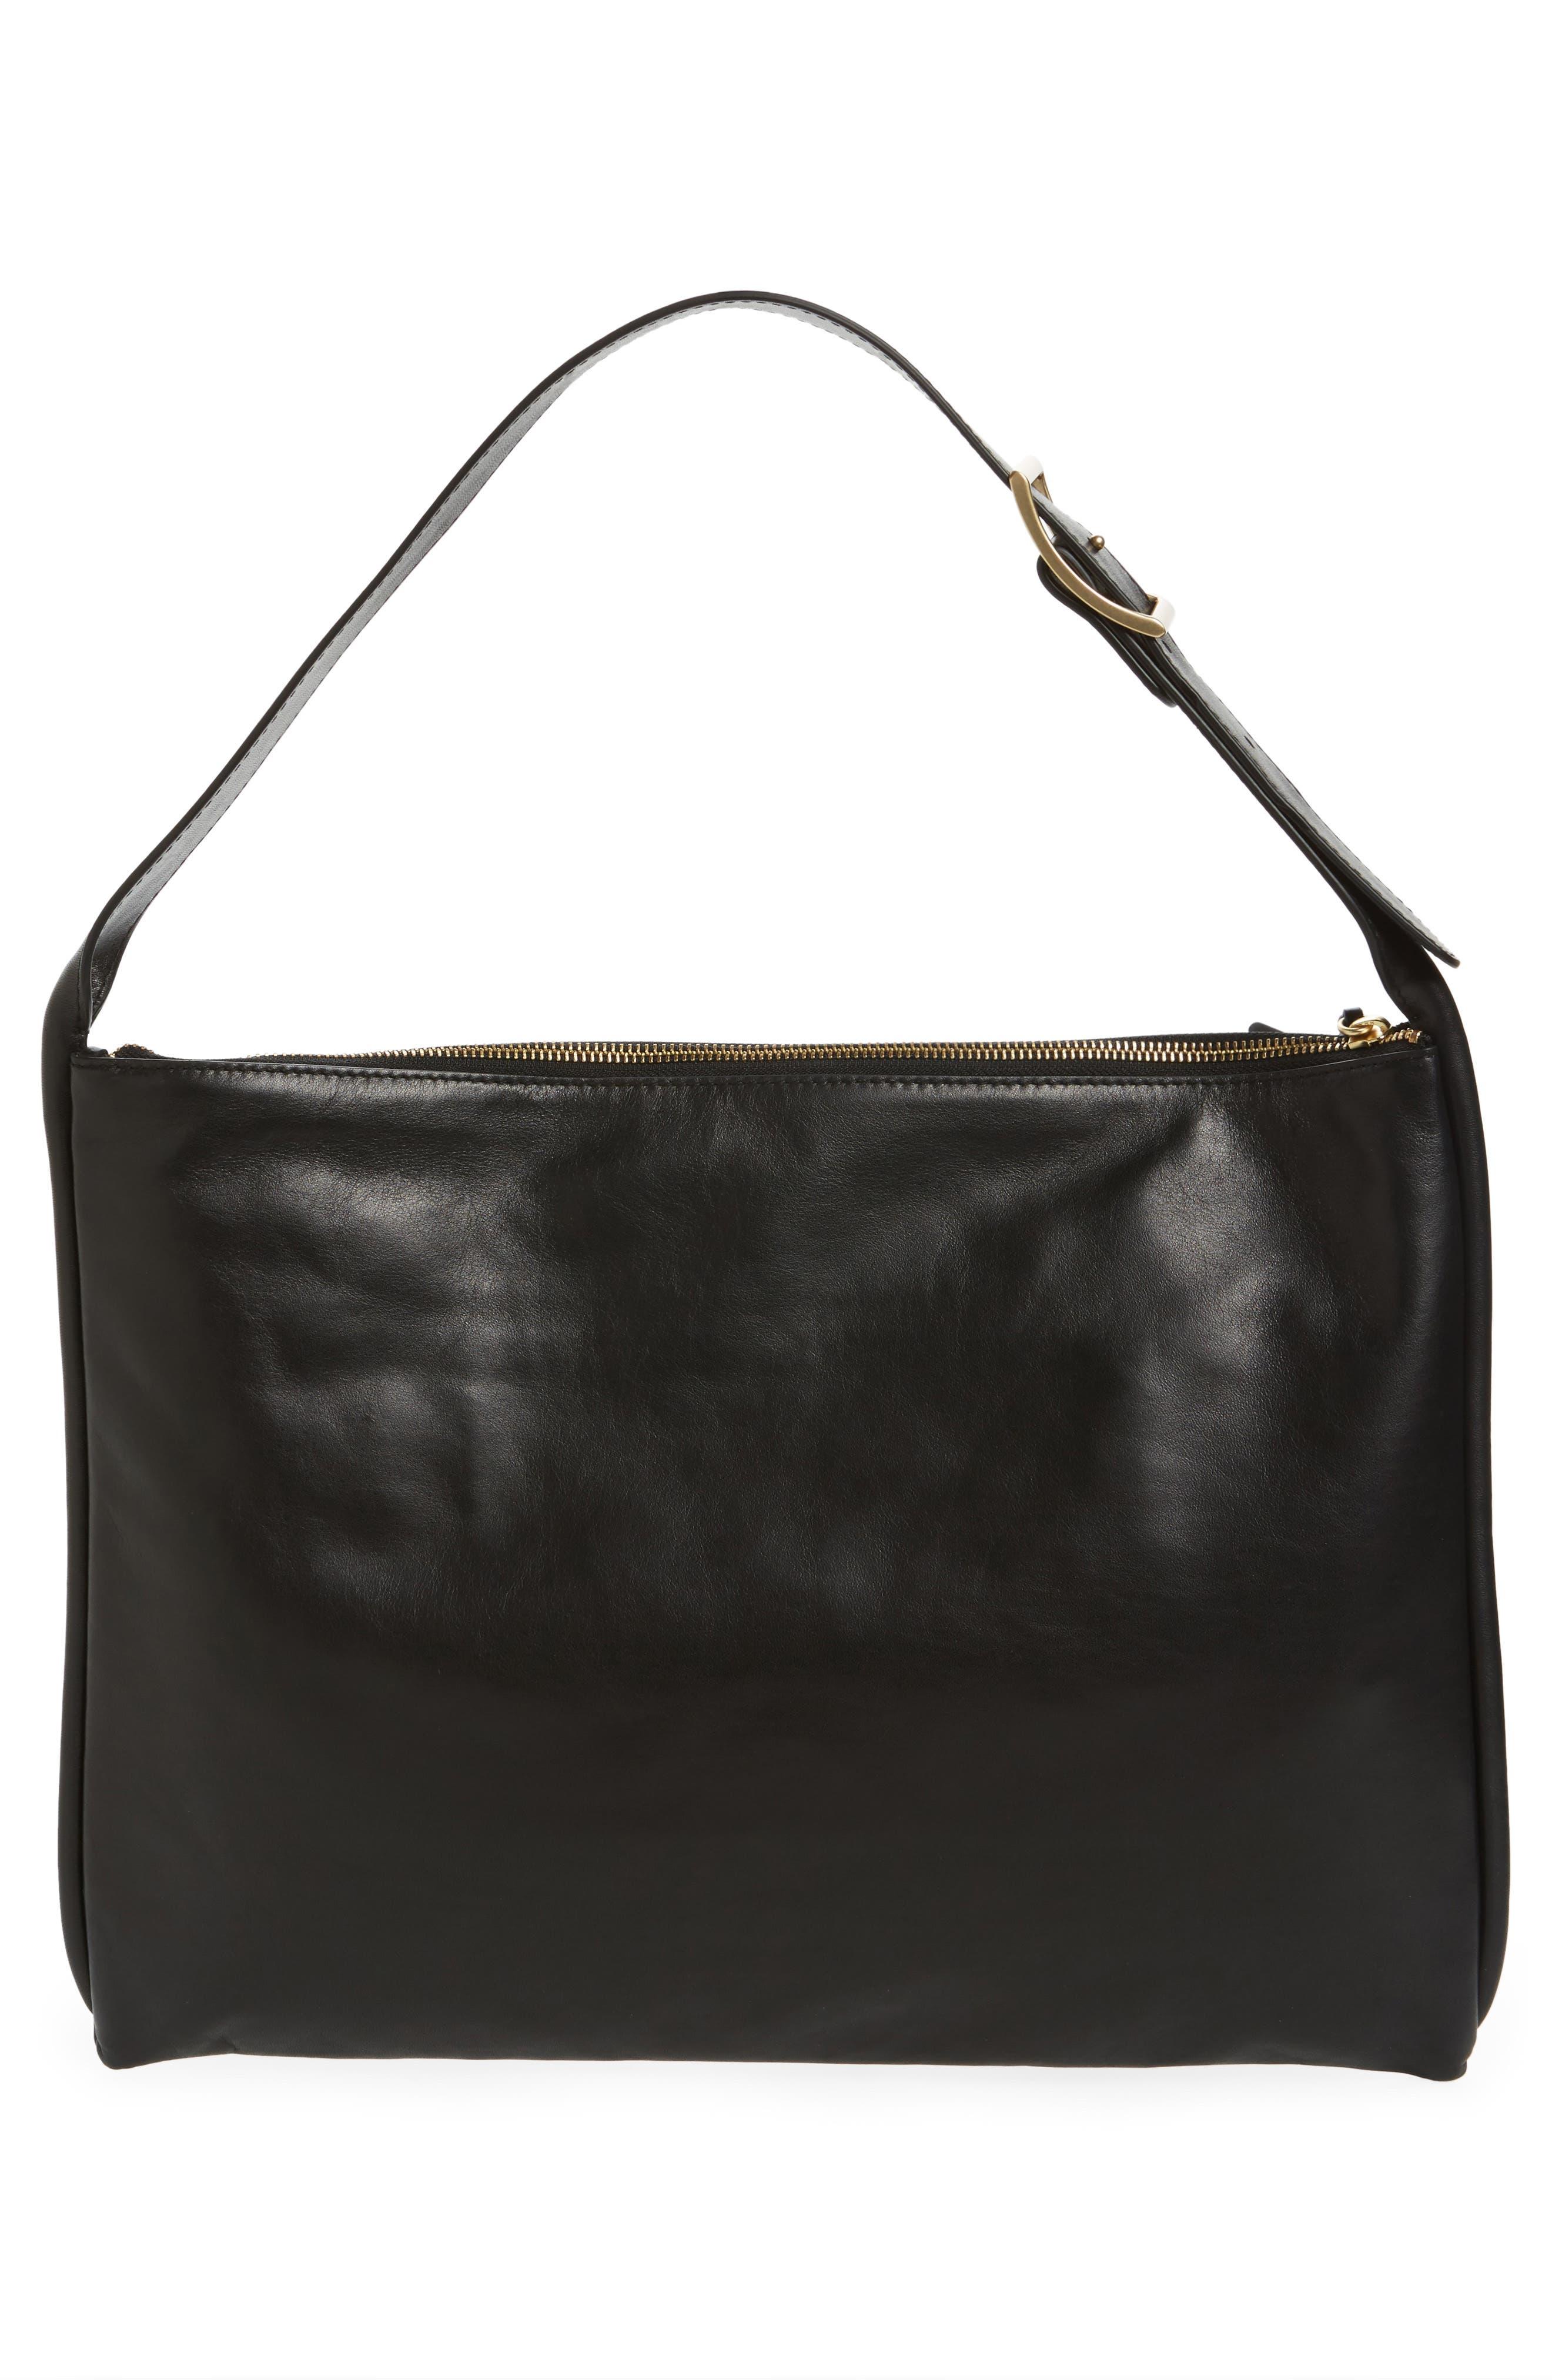 Anesa Leather Shoulder Bag,                             Alternate thumbnail 3, color,                             001